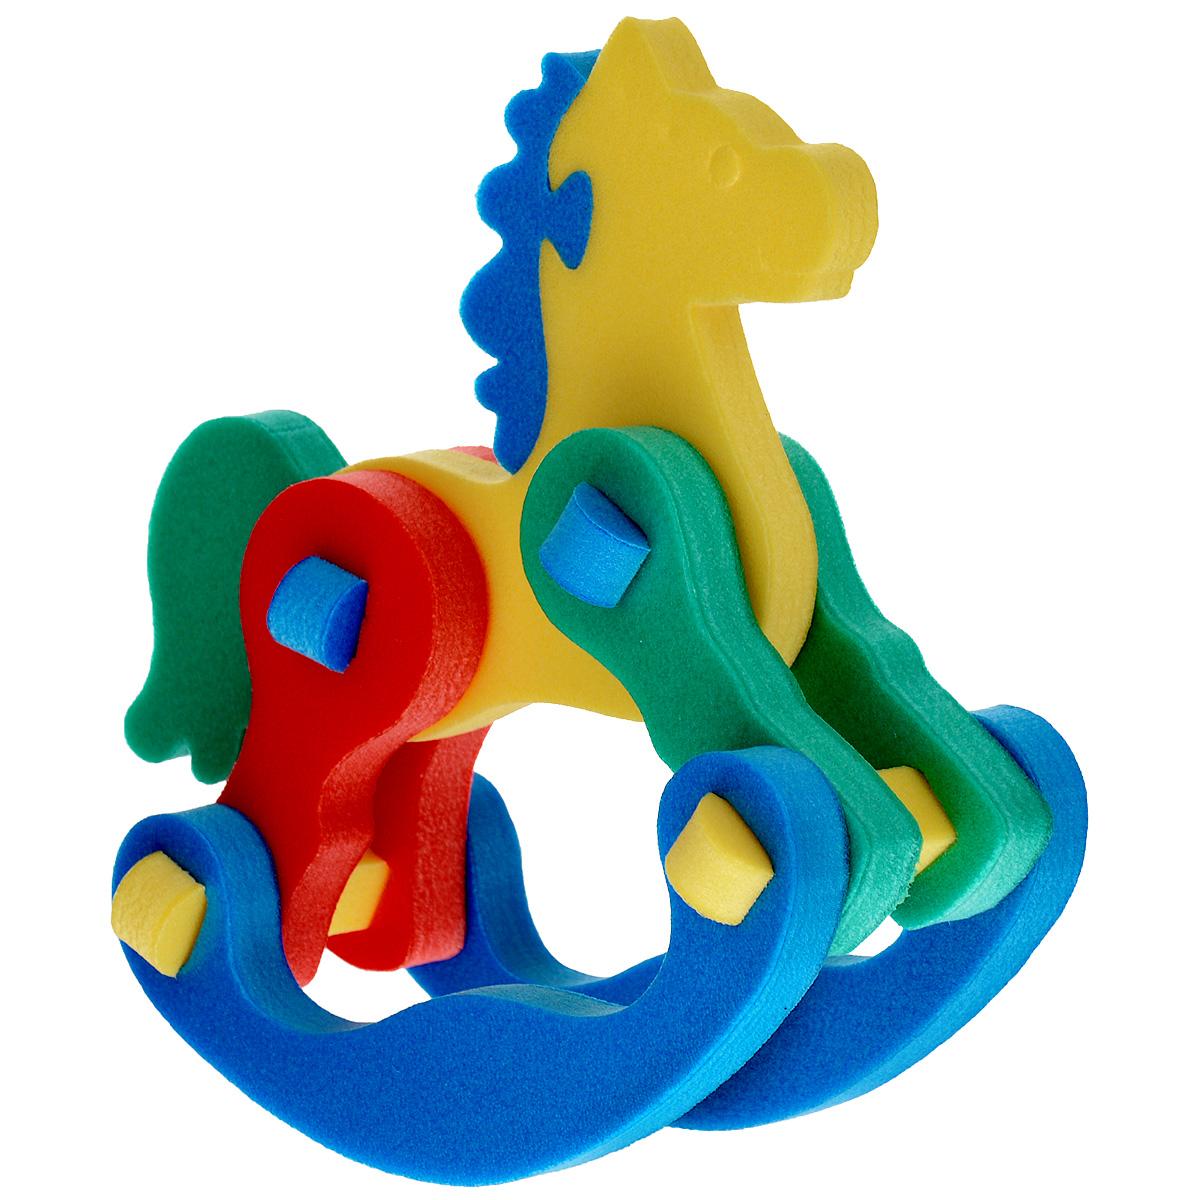 Флексика Мягкий конструктор Лошадка-качалка45381Мозаики и конструкторы настолько универсальны и практичны, что с ними можно играть практически везде. Для производства игрушек используется современный, легкий, эластичный, прочный материал, который обеспечивает большую долговечность игрушек, и главное –является абсолютно безопасным для детей. К тому же, благодаря особой структуре материала и свойству прилипать к мокрой поверхности, мягкие конструкторы и мозаики являются идеальной игрушкой для ванны. Способствует развитию у ребенка мелкой моторики, образного и логического мышления, наблюдательности. Характеристики: Размер: 12 см x 13,5 см x 6 см. Производственная фирма Тедико зарекомендовала себя на рынке отечественных товаров как производитель высококачественных конструкторов и мозаик серии Флексика. Богатый ассортимент включает в себя игрушки для малышей и детей старшего возраста.